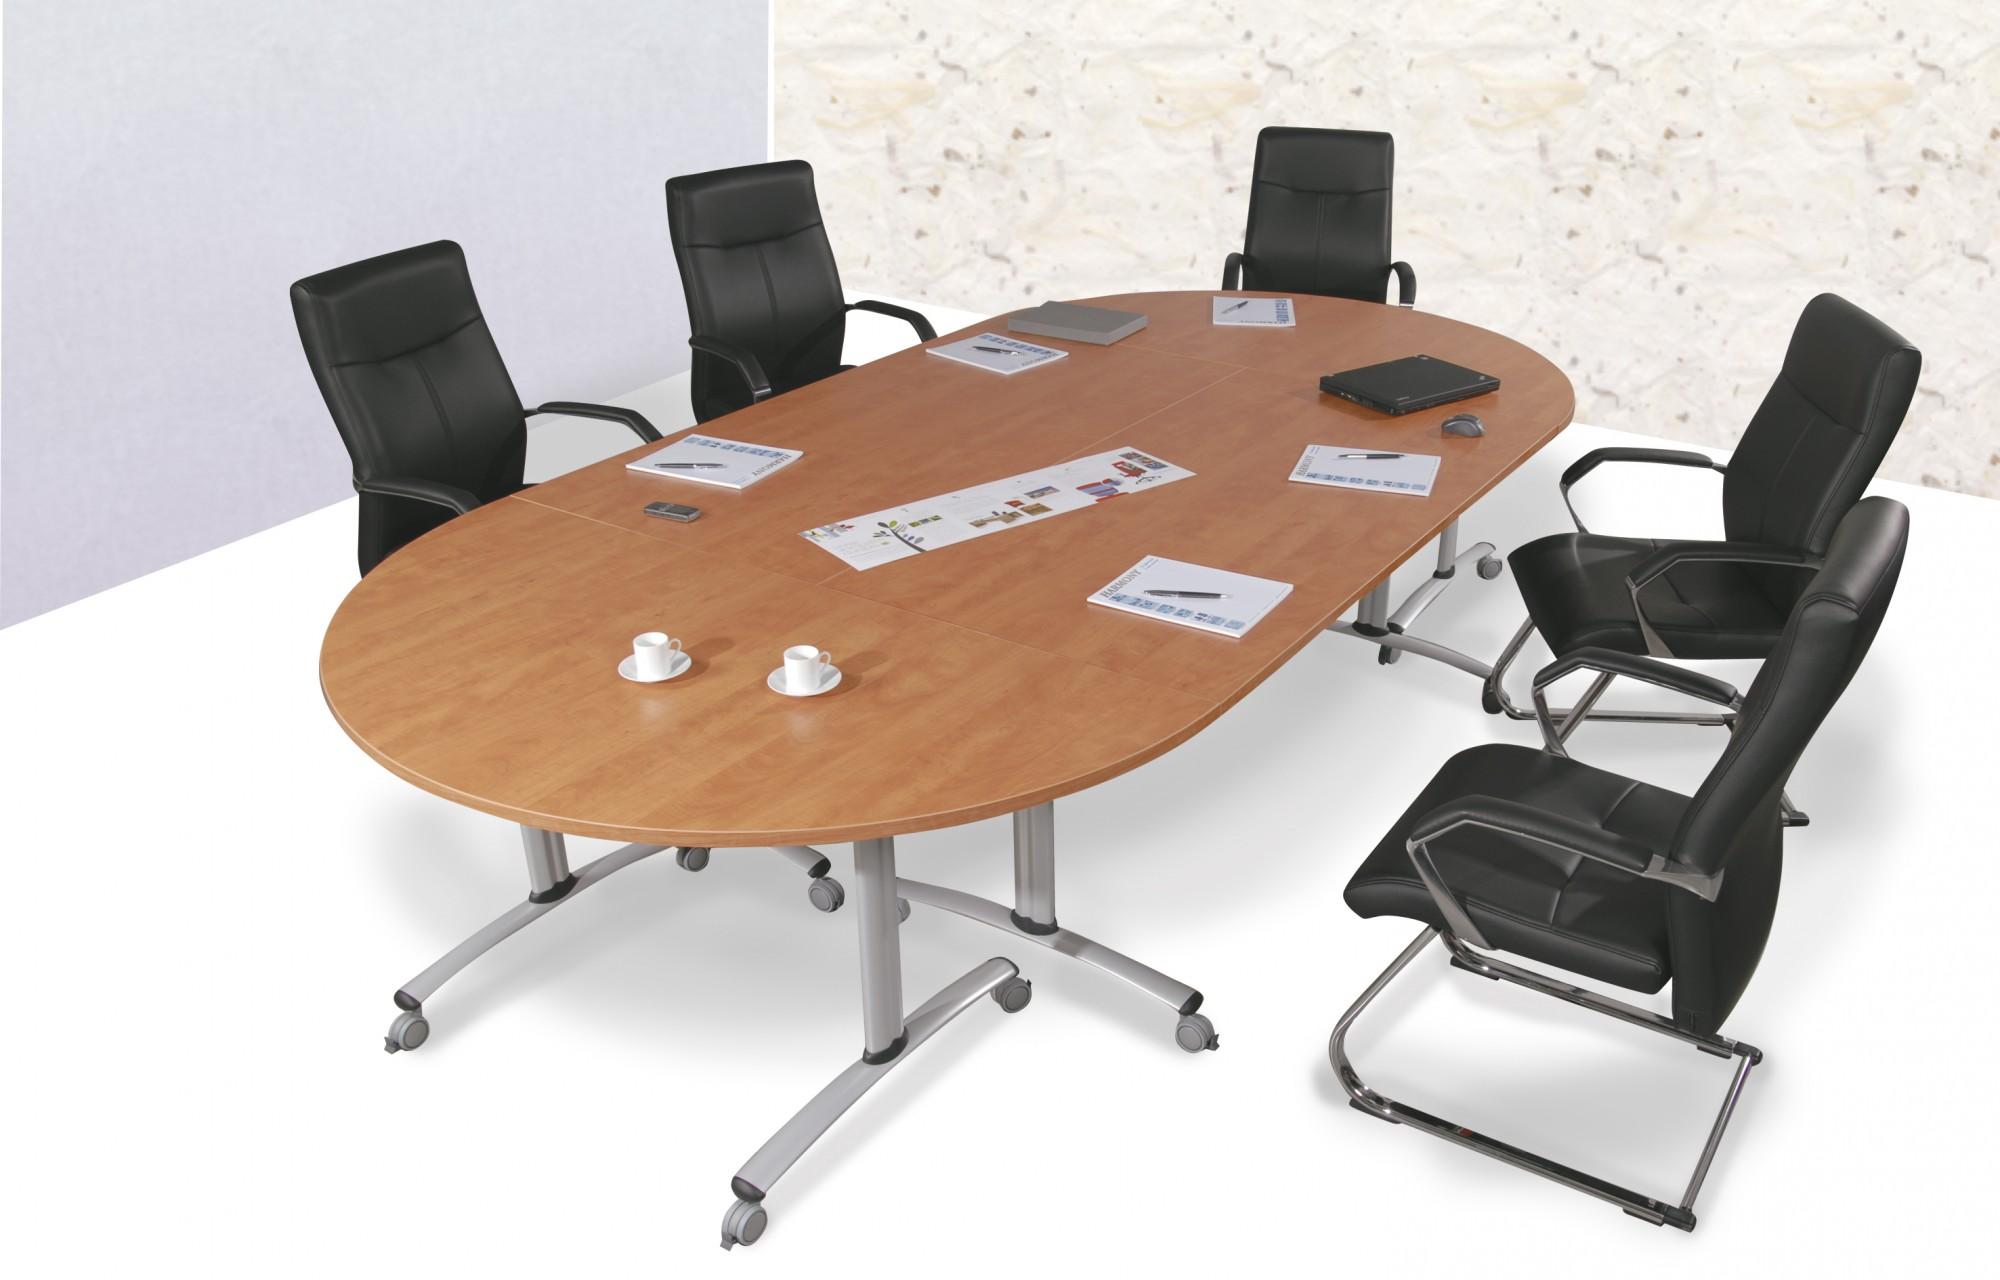 table de r union basculante abattante 140 cm achat tables pliantes et abattantes 364 00. Black Bedroom Furniture Sets. Home Design Ideas